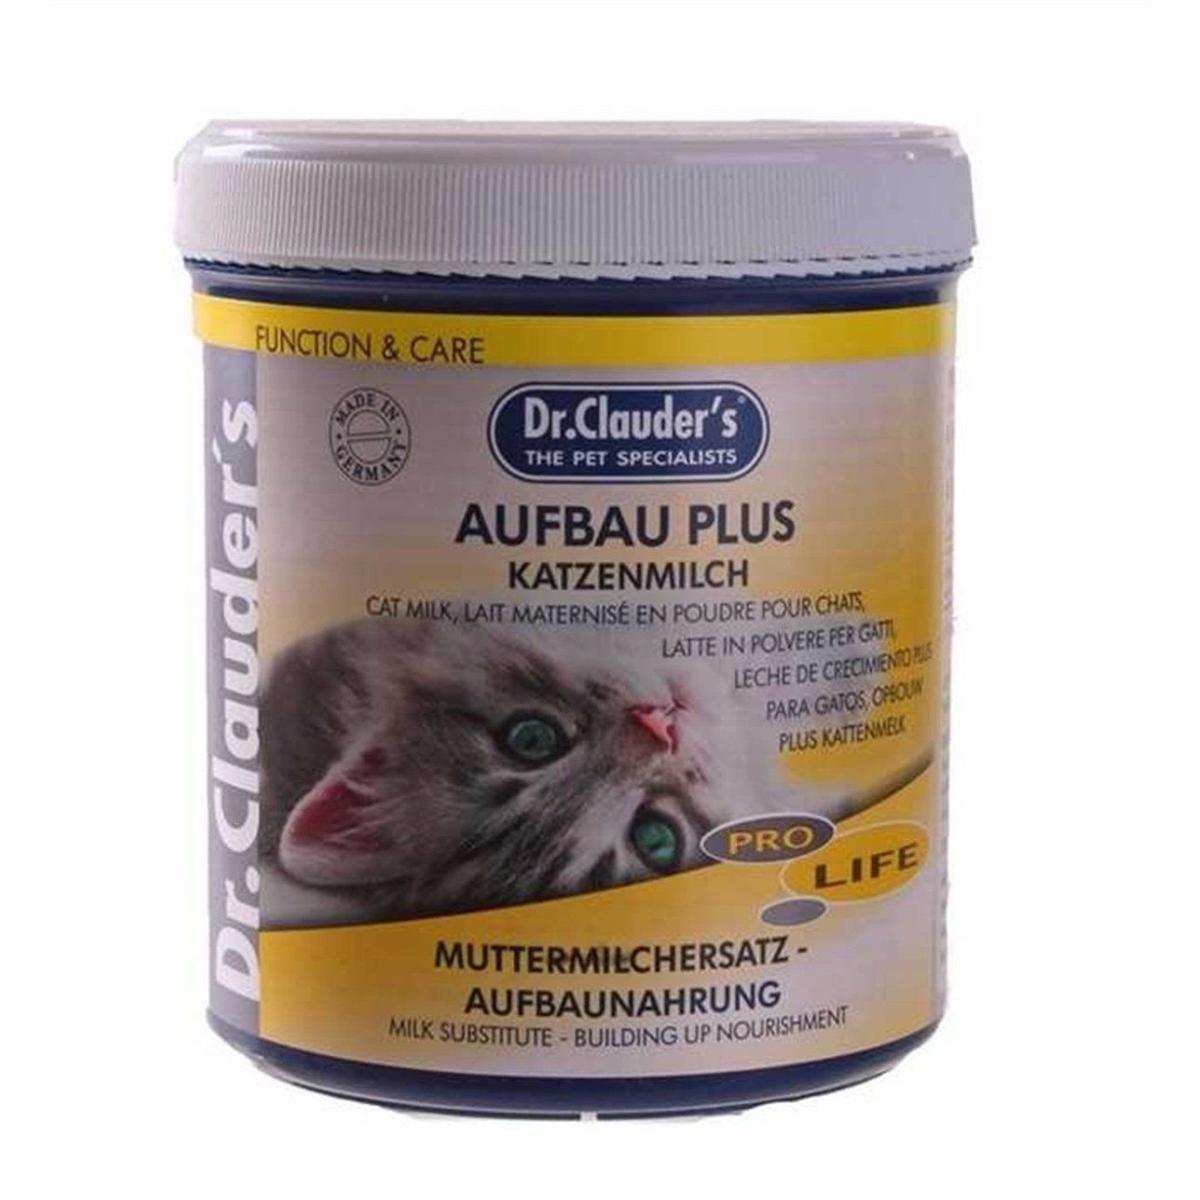 Dr.-Clauders-Aufbau-Plus-Katzenmilch